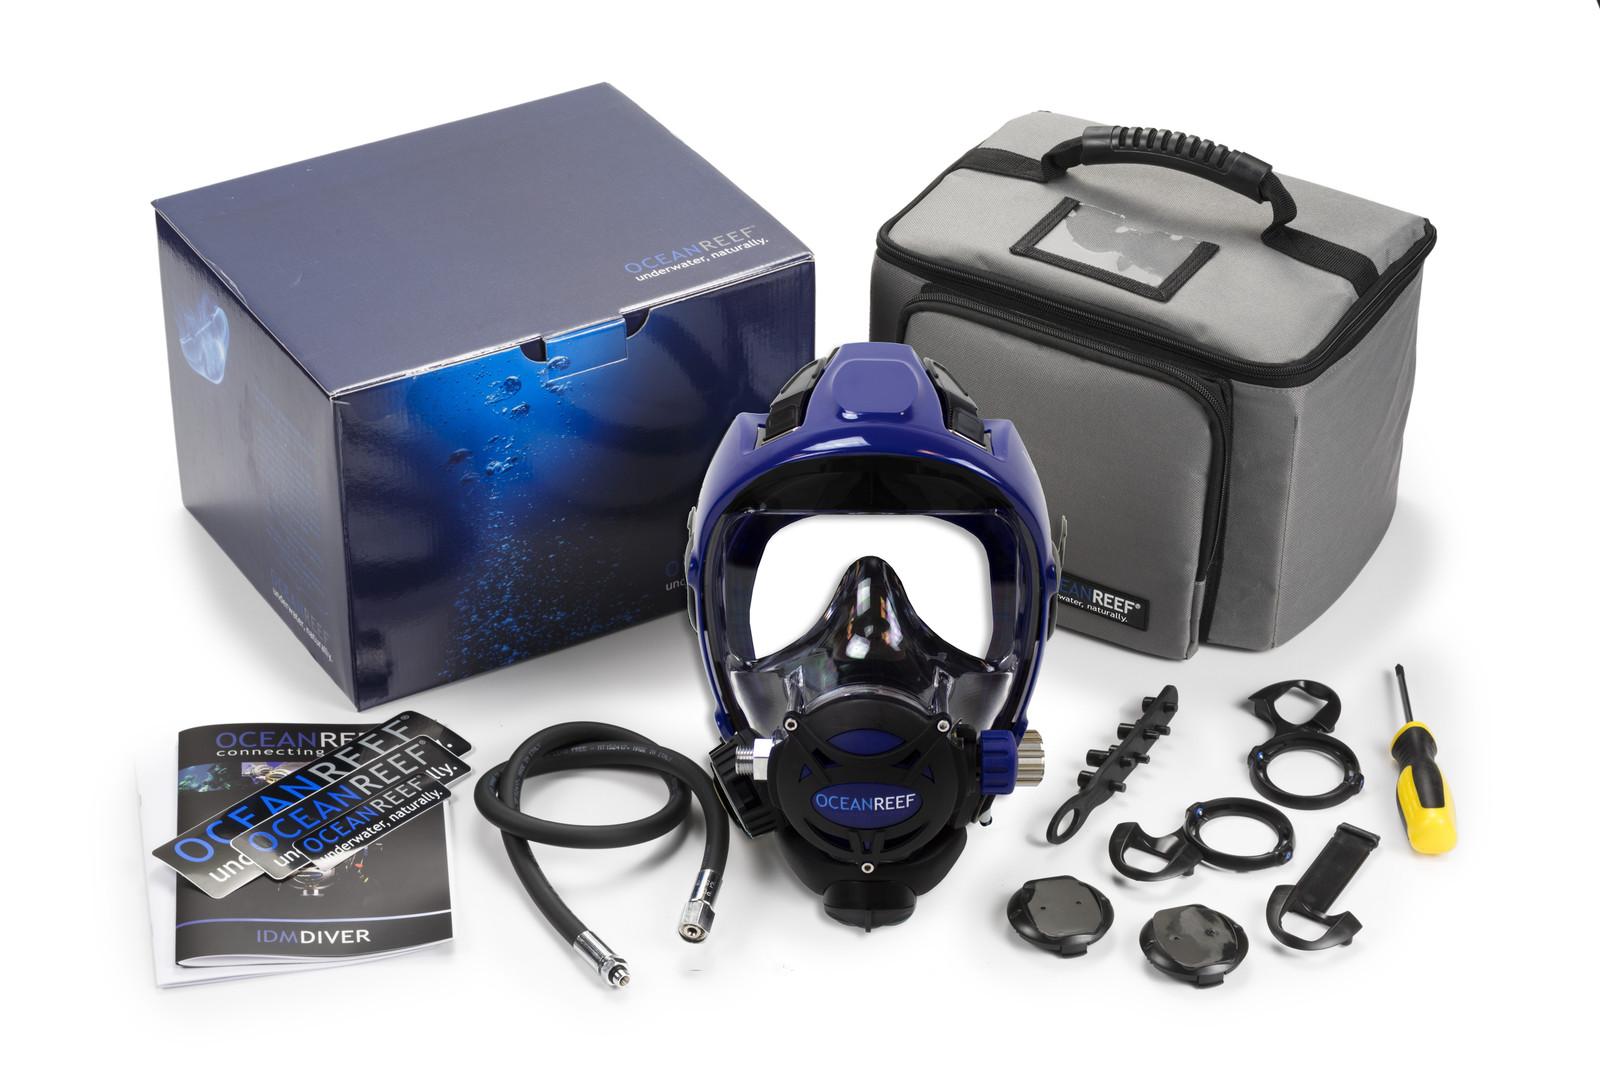 Space Extender - IDM - Cobalt/Cobalt